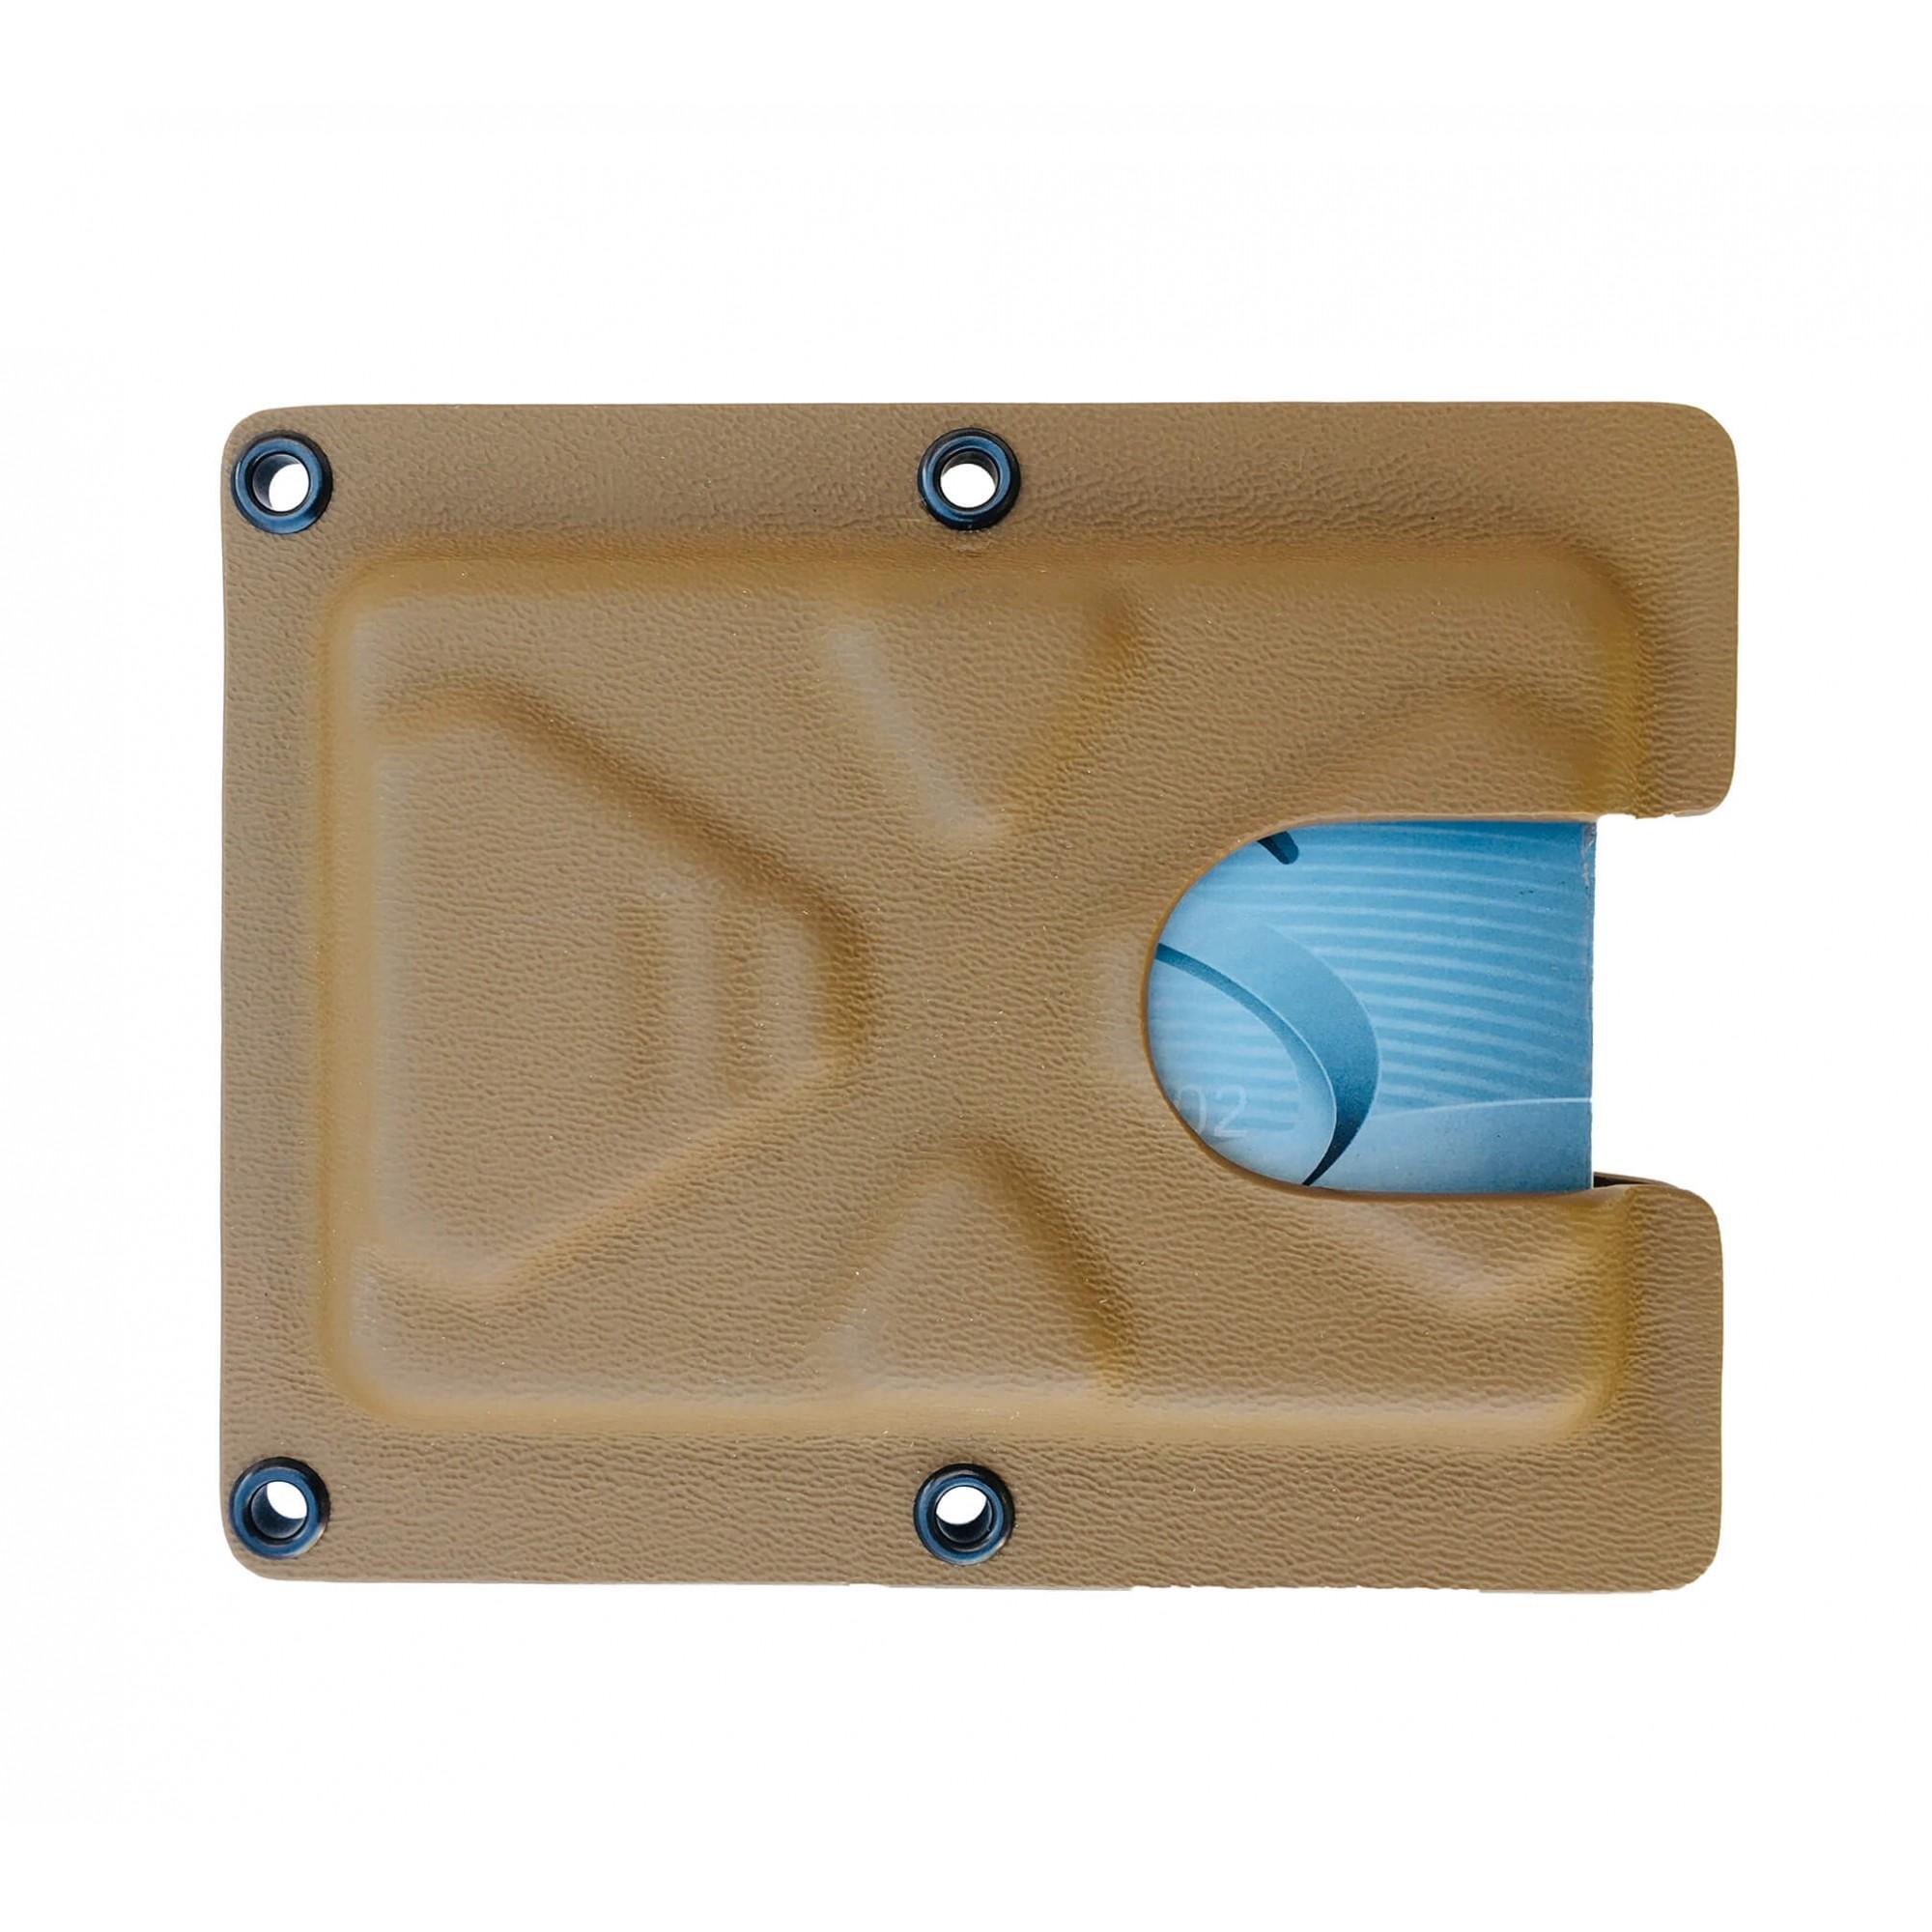 Carteira Tática em Kydex Cobra Wallet - 10 Cartões - Frete Grátis